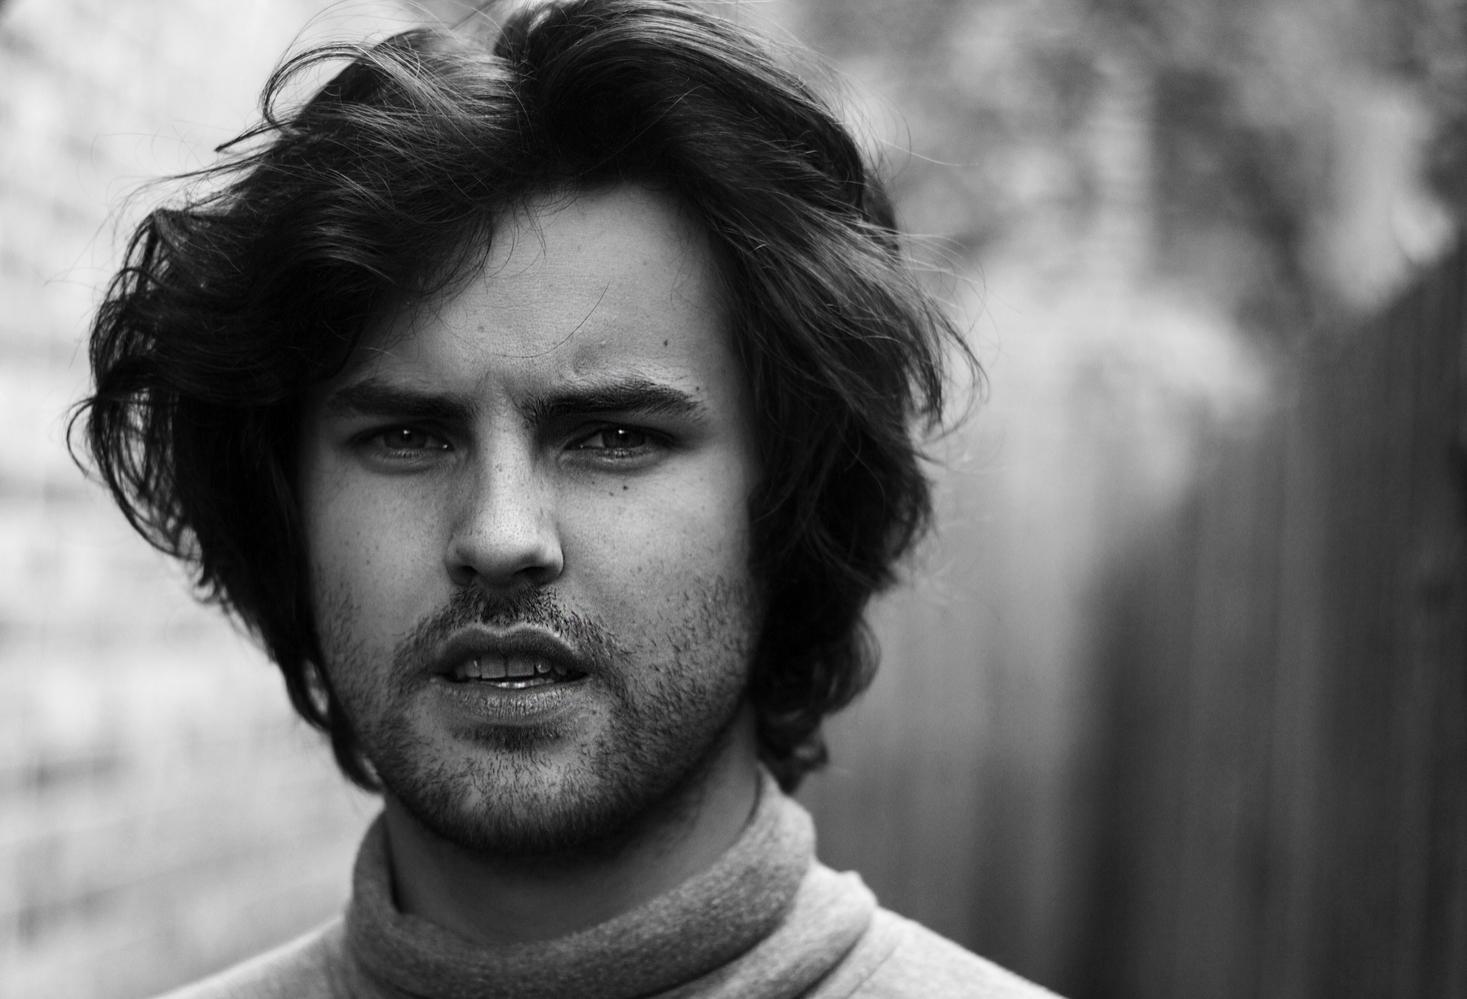 Miamigo - Liam Fox